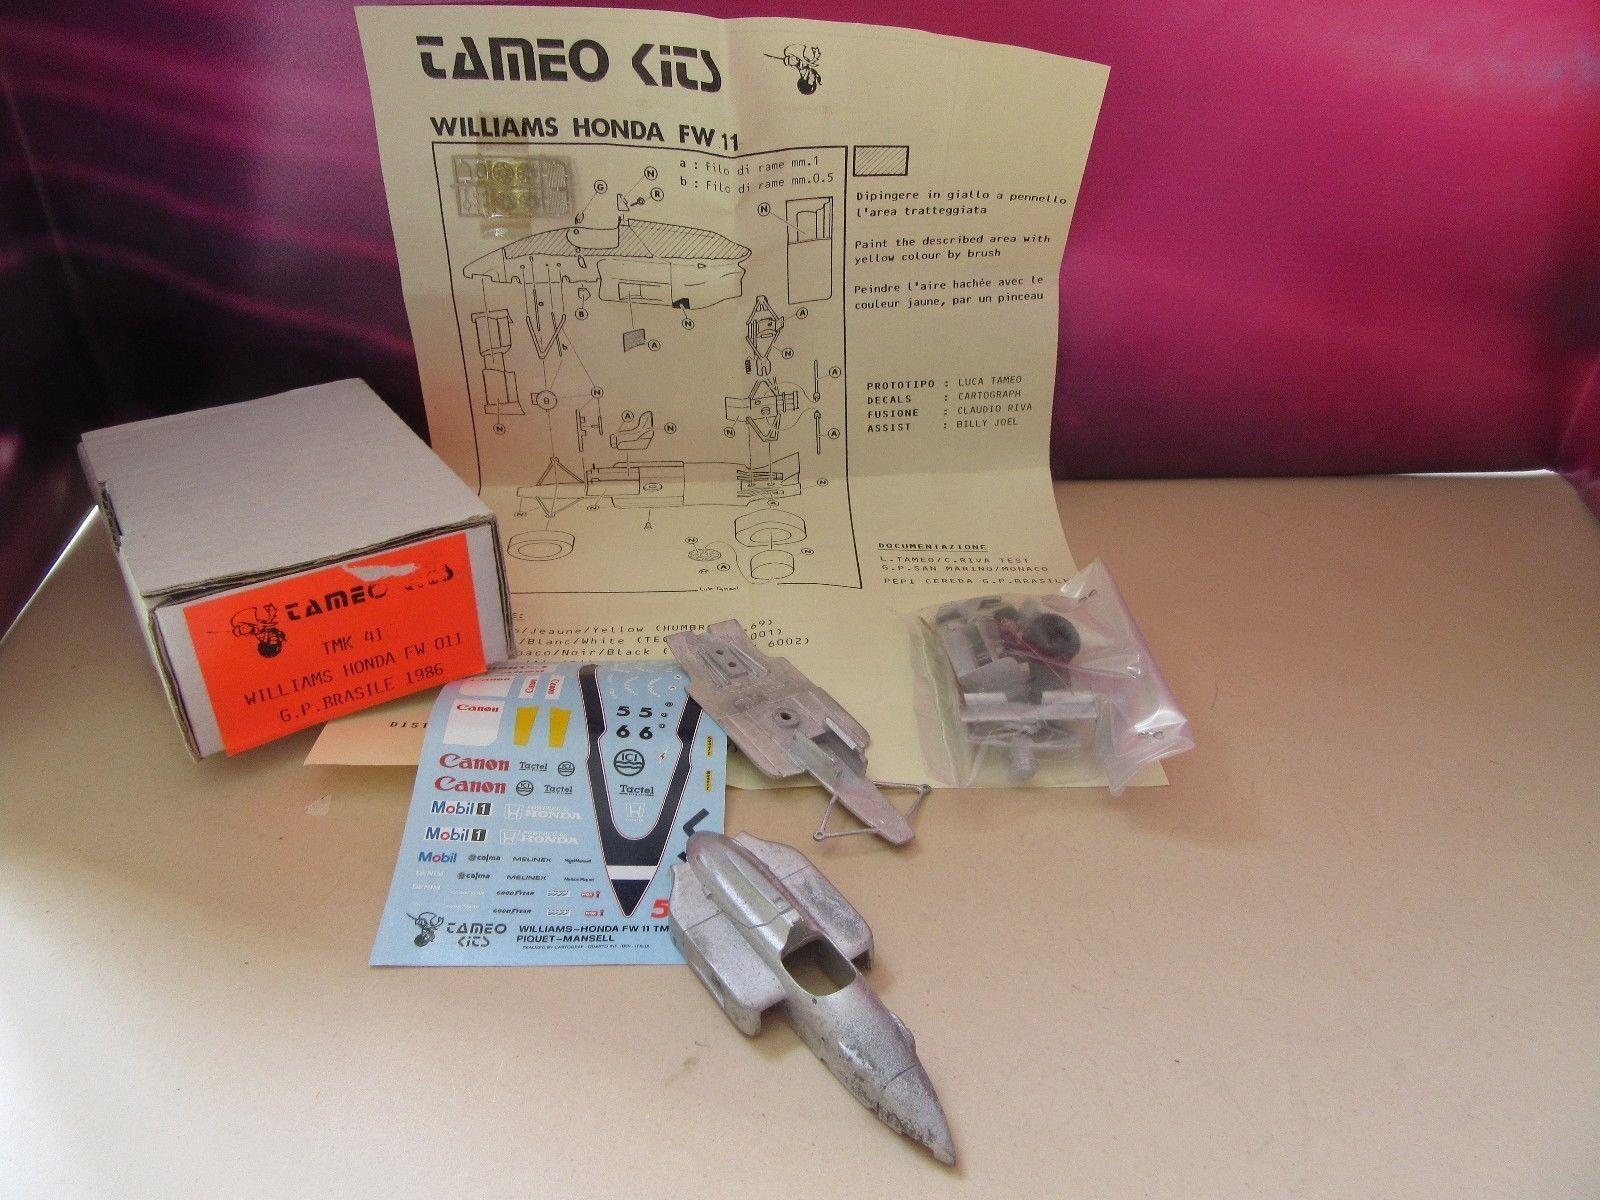 KIT à monter TAMEO F1 WILLIAMS HONDA FW 11 MANSELL PIQUET 1° BRESIL 1986 1 43°